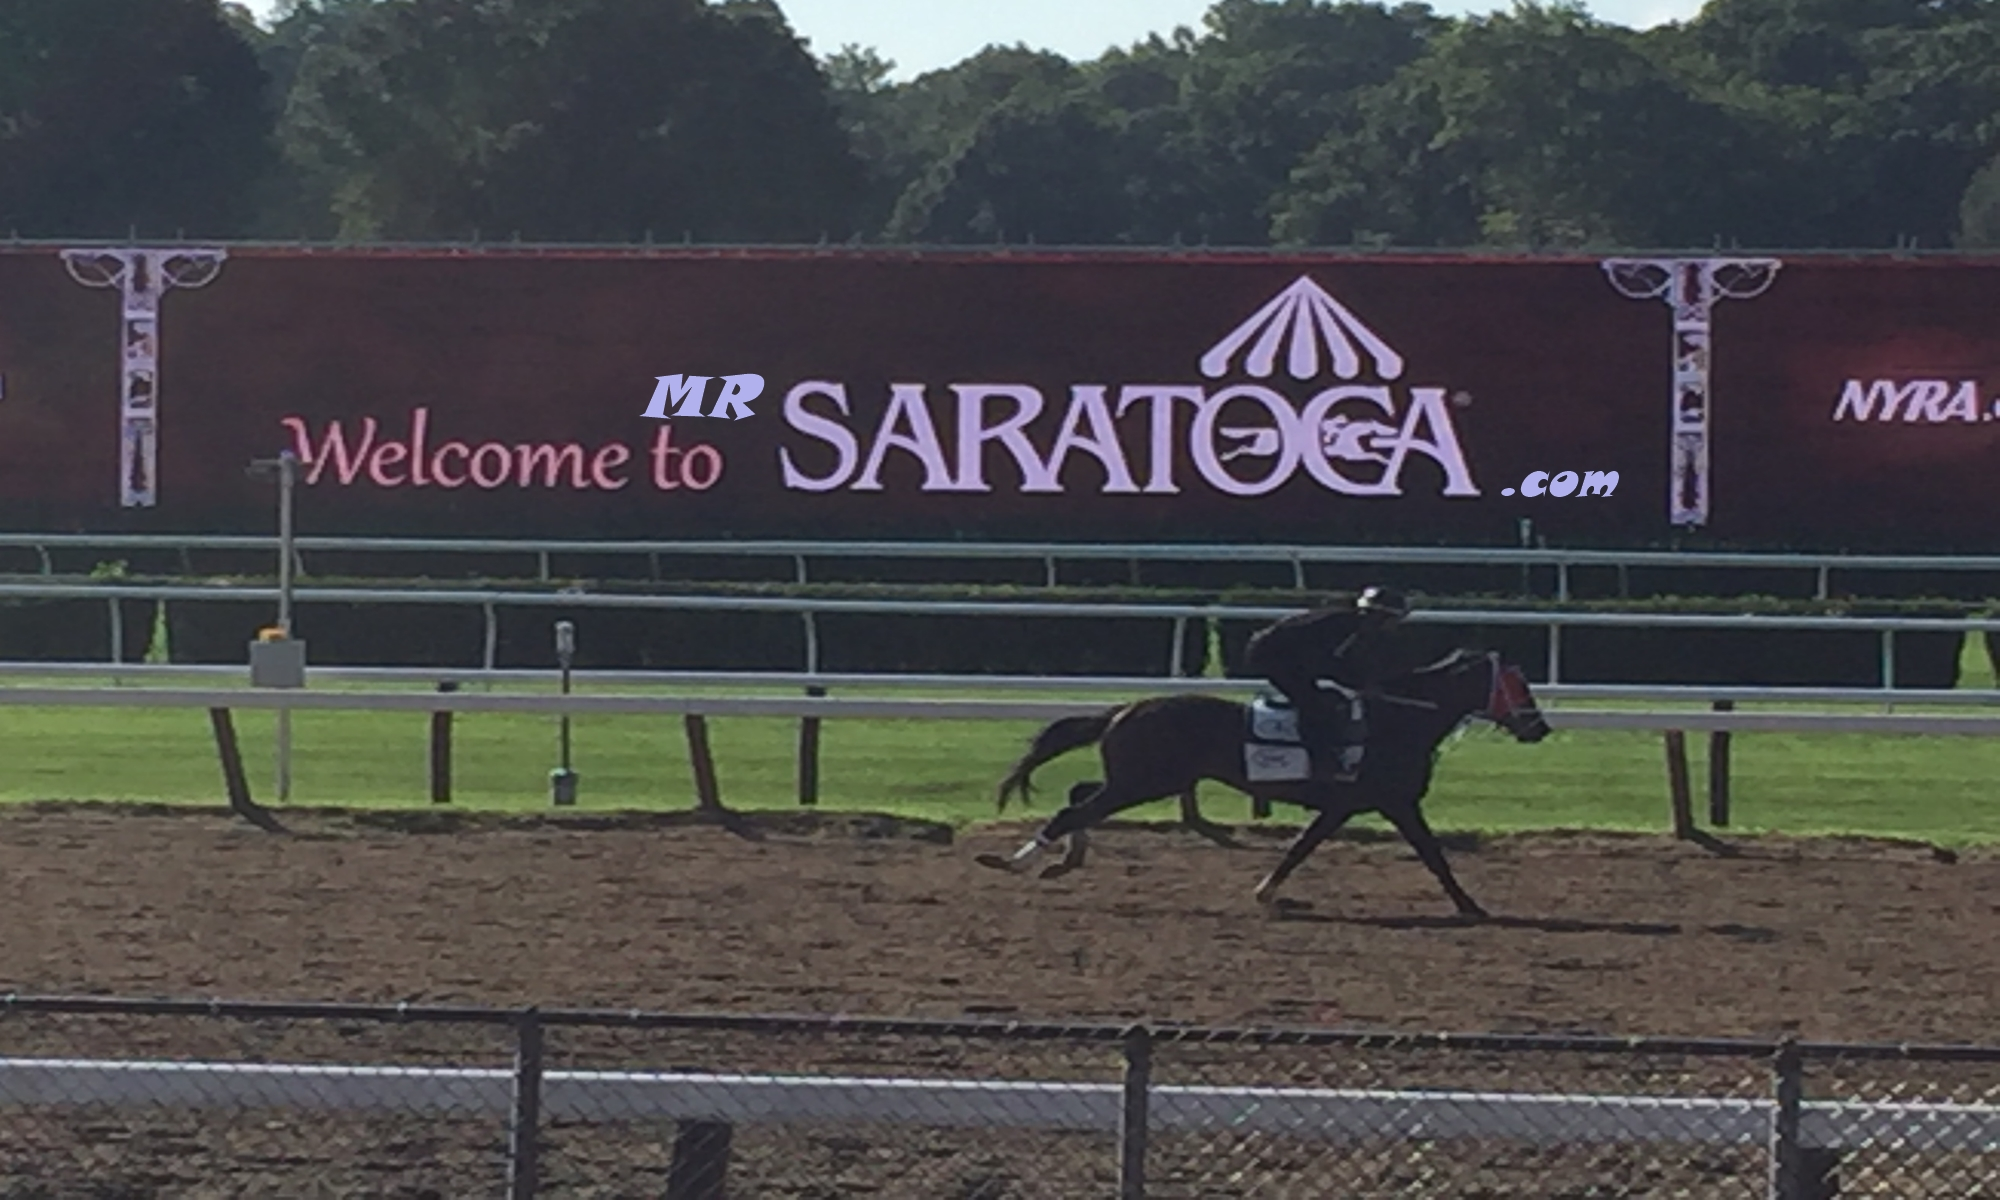 Mr Saratoga